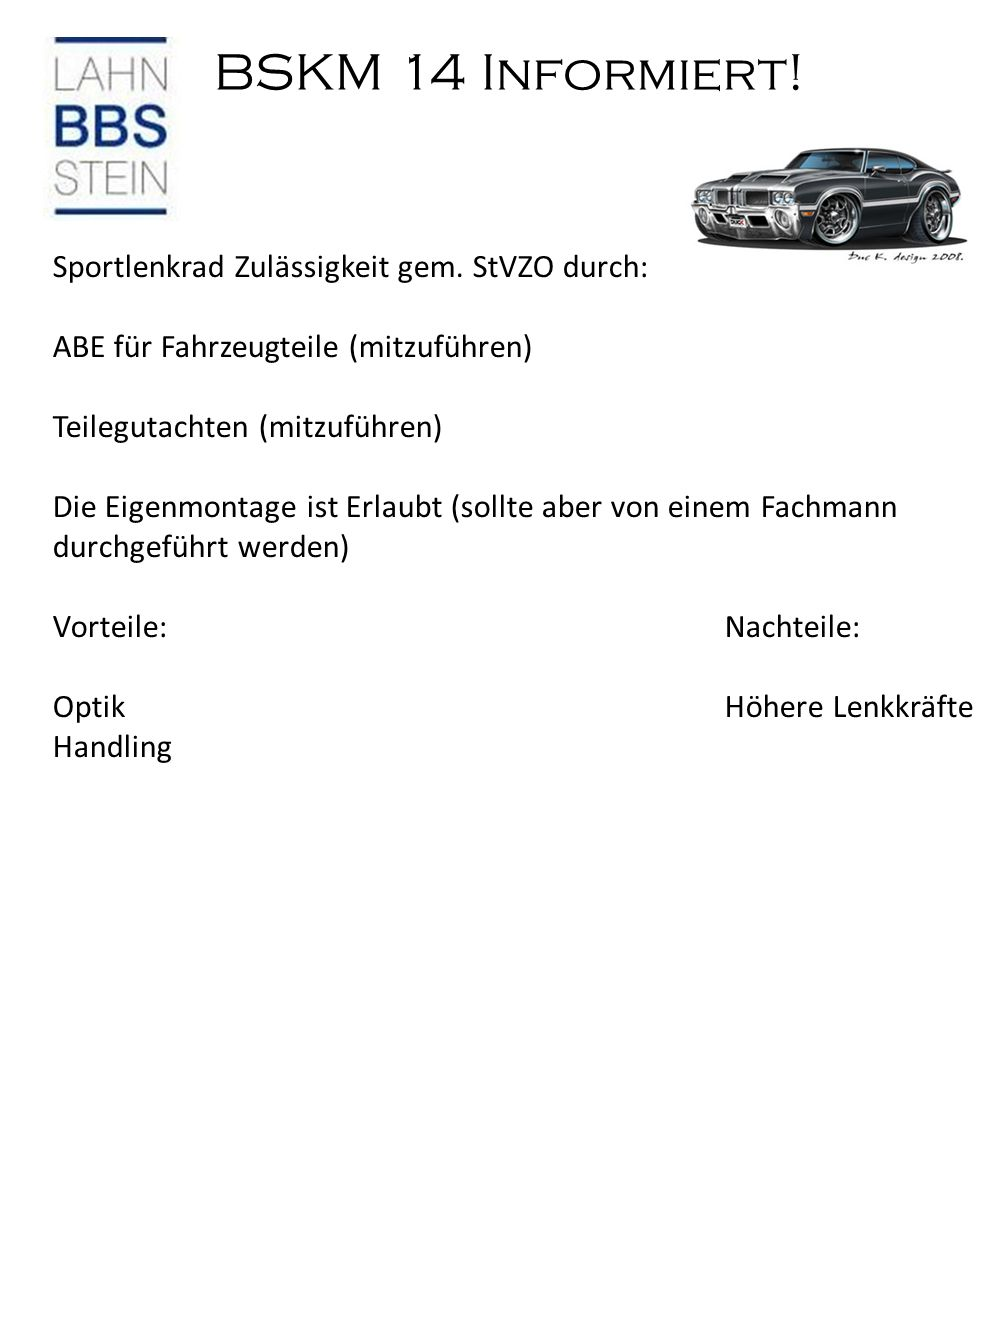 BSKM 14 Informiert! Sportlenkrad Zulässigkeit gem. StVZO durch: ABE für Fahrzeugteile (mitzuführen) Teilegutachten (mitzuführen) Die Eigenmontage ist